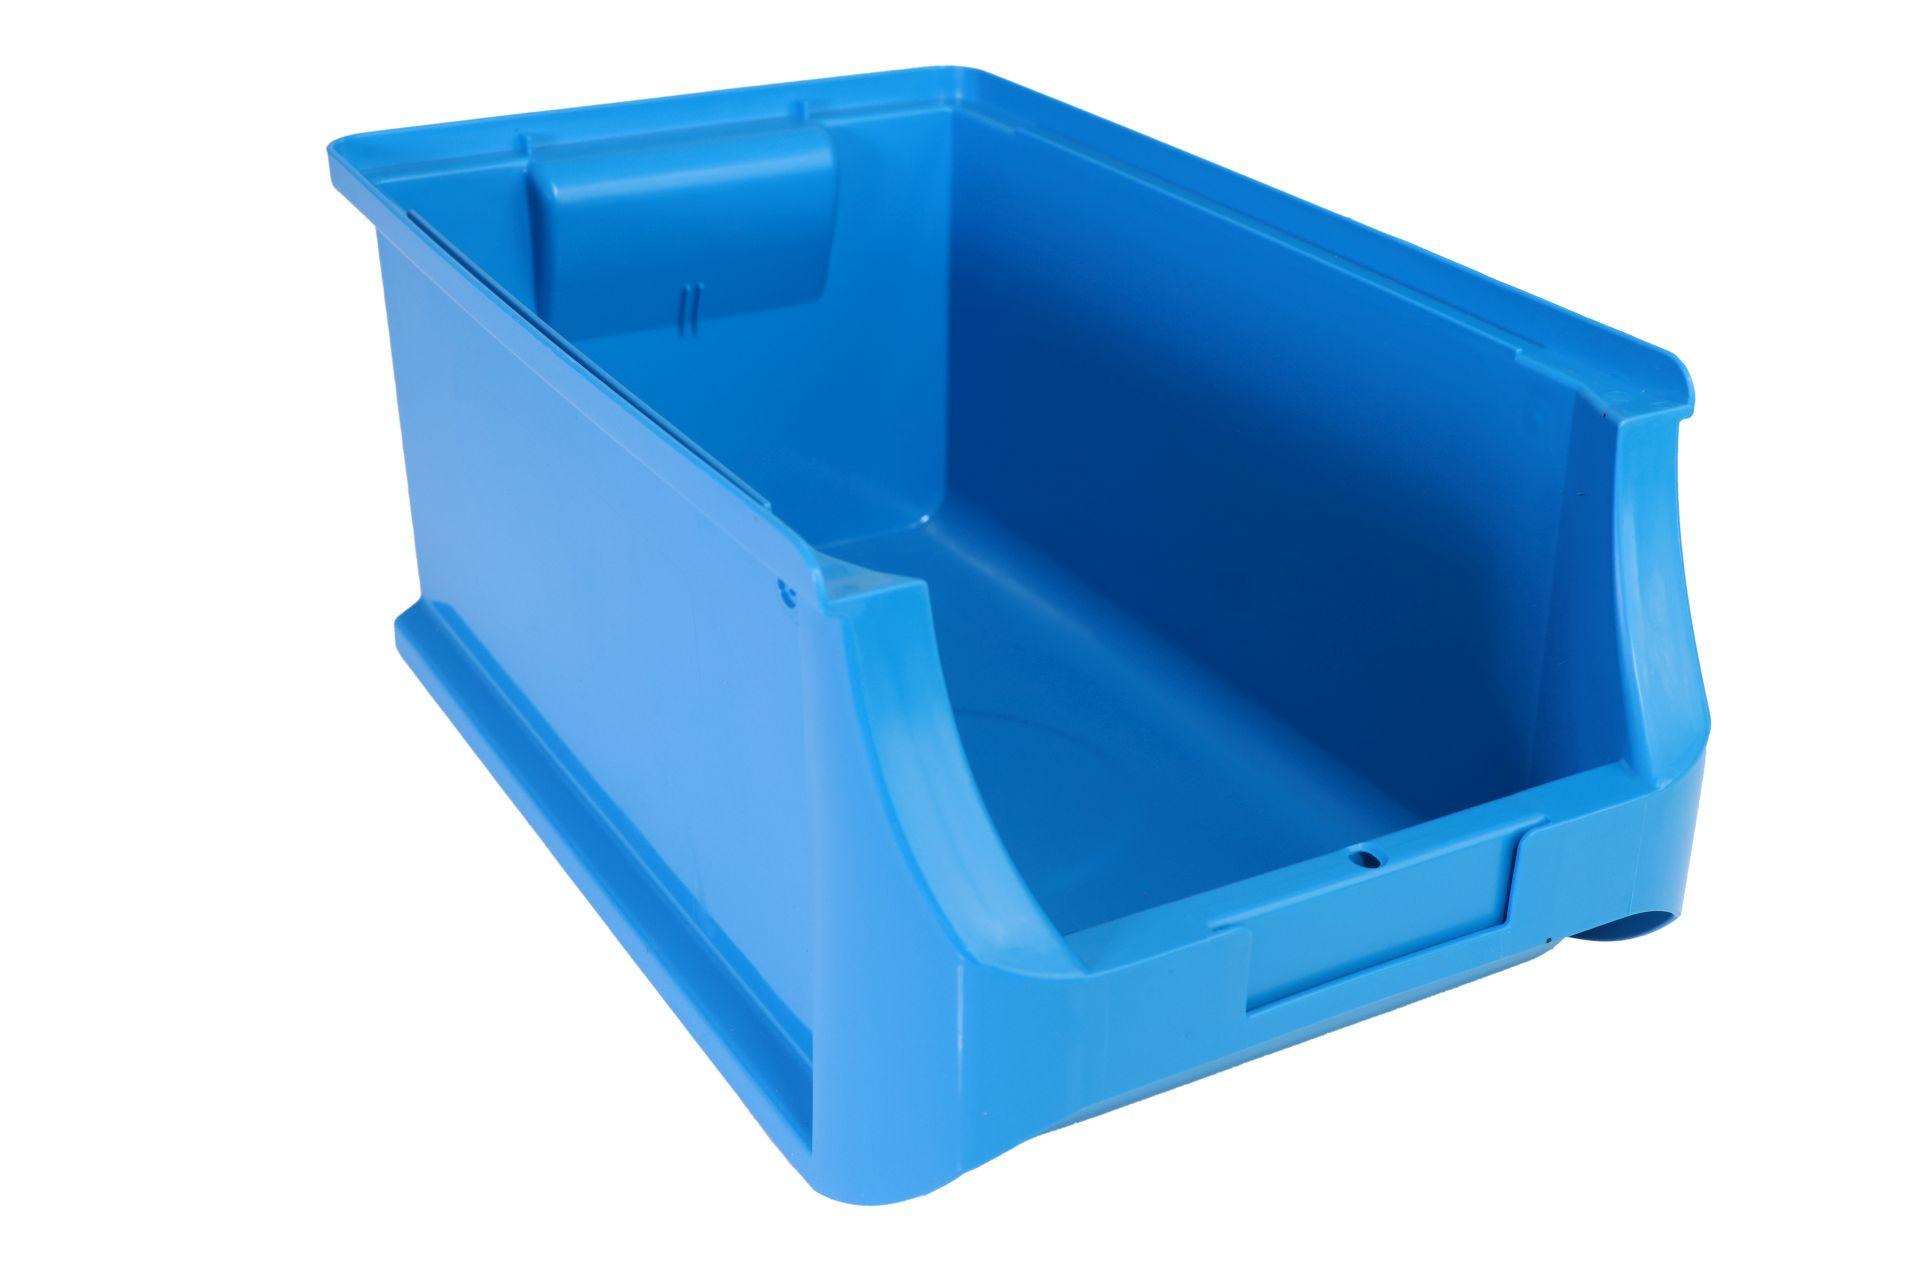 Allit Sichtlagerkasten ProfiPlus Box 4, aus PP, stapelbar, blau, 1 Karton = 12 Stück ohne Etiketten